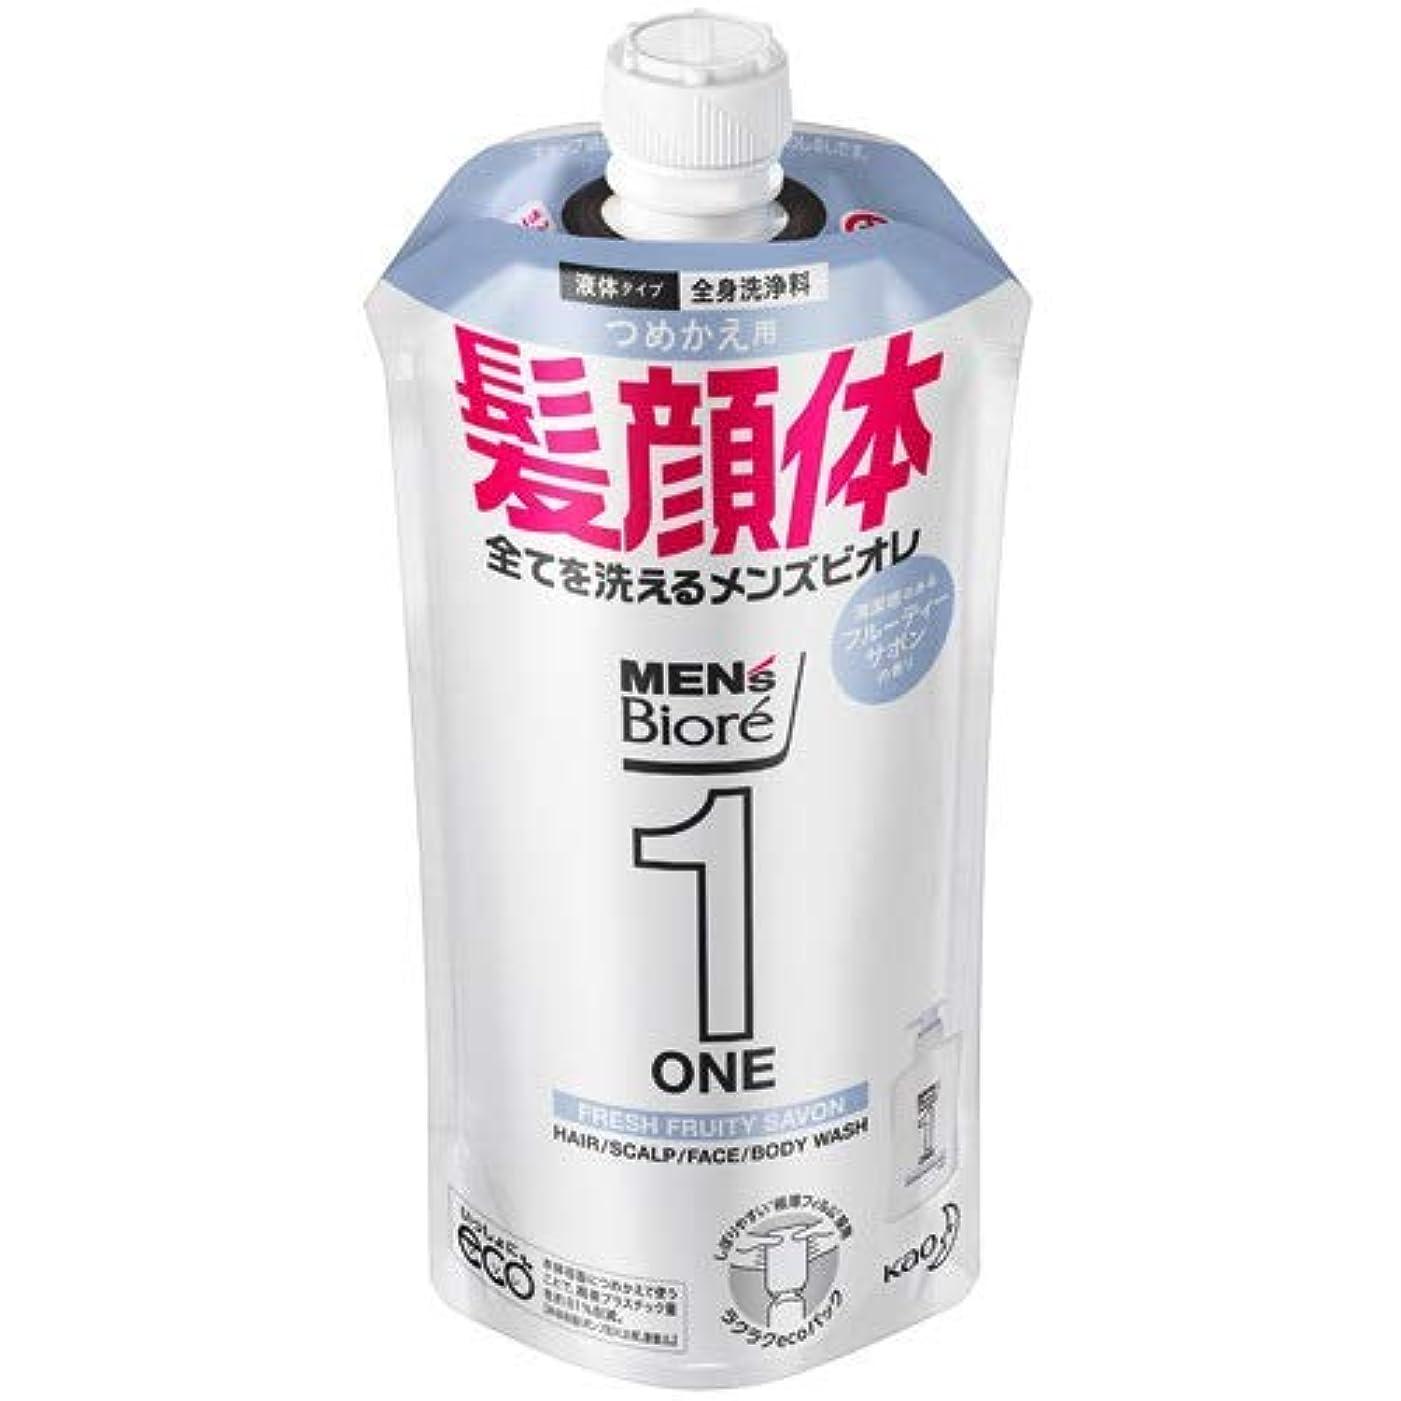 自分の力ですべてをする変成器画家【10個セット】メンズビオレONE オールインワン全身洗浄料 清潔感のあるフルーティーサボンの香り つめかえ用 340mL